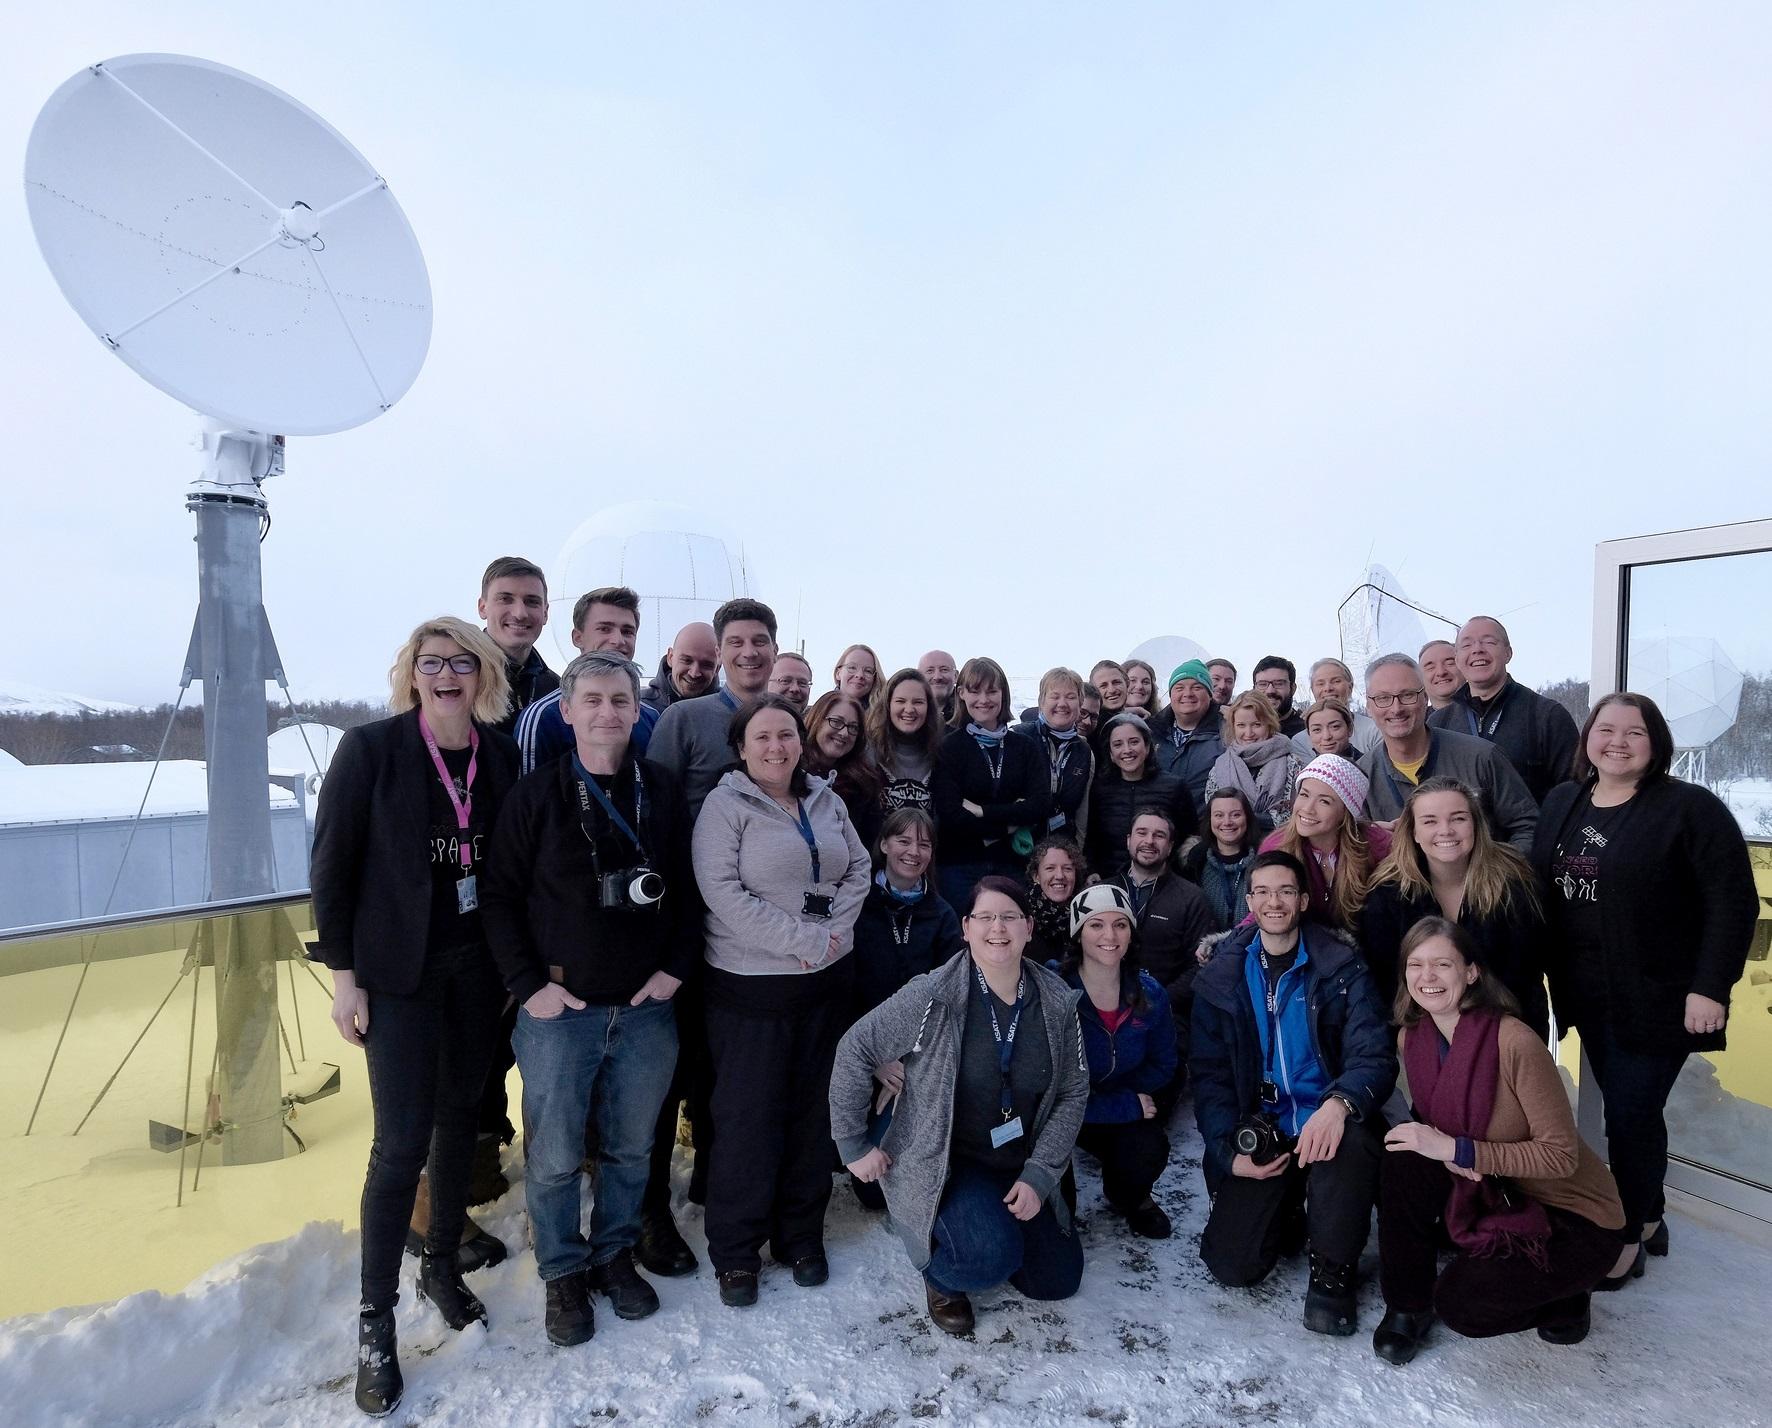 Nordlysjegerne fikk foredrag og omvisning på Kongsberg Satellite Services sine kontorer i Tromsø. Foto: ESA/J. Makinen